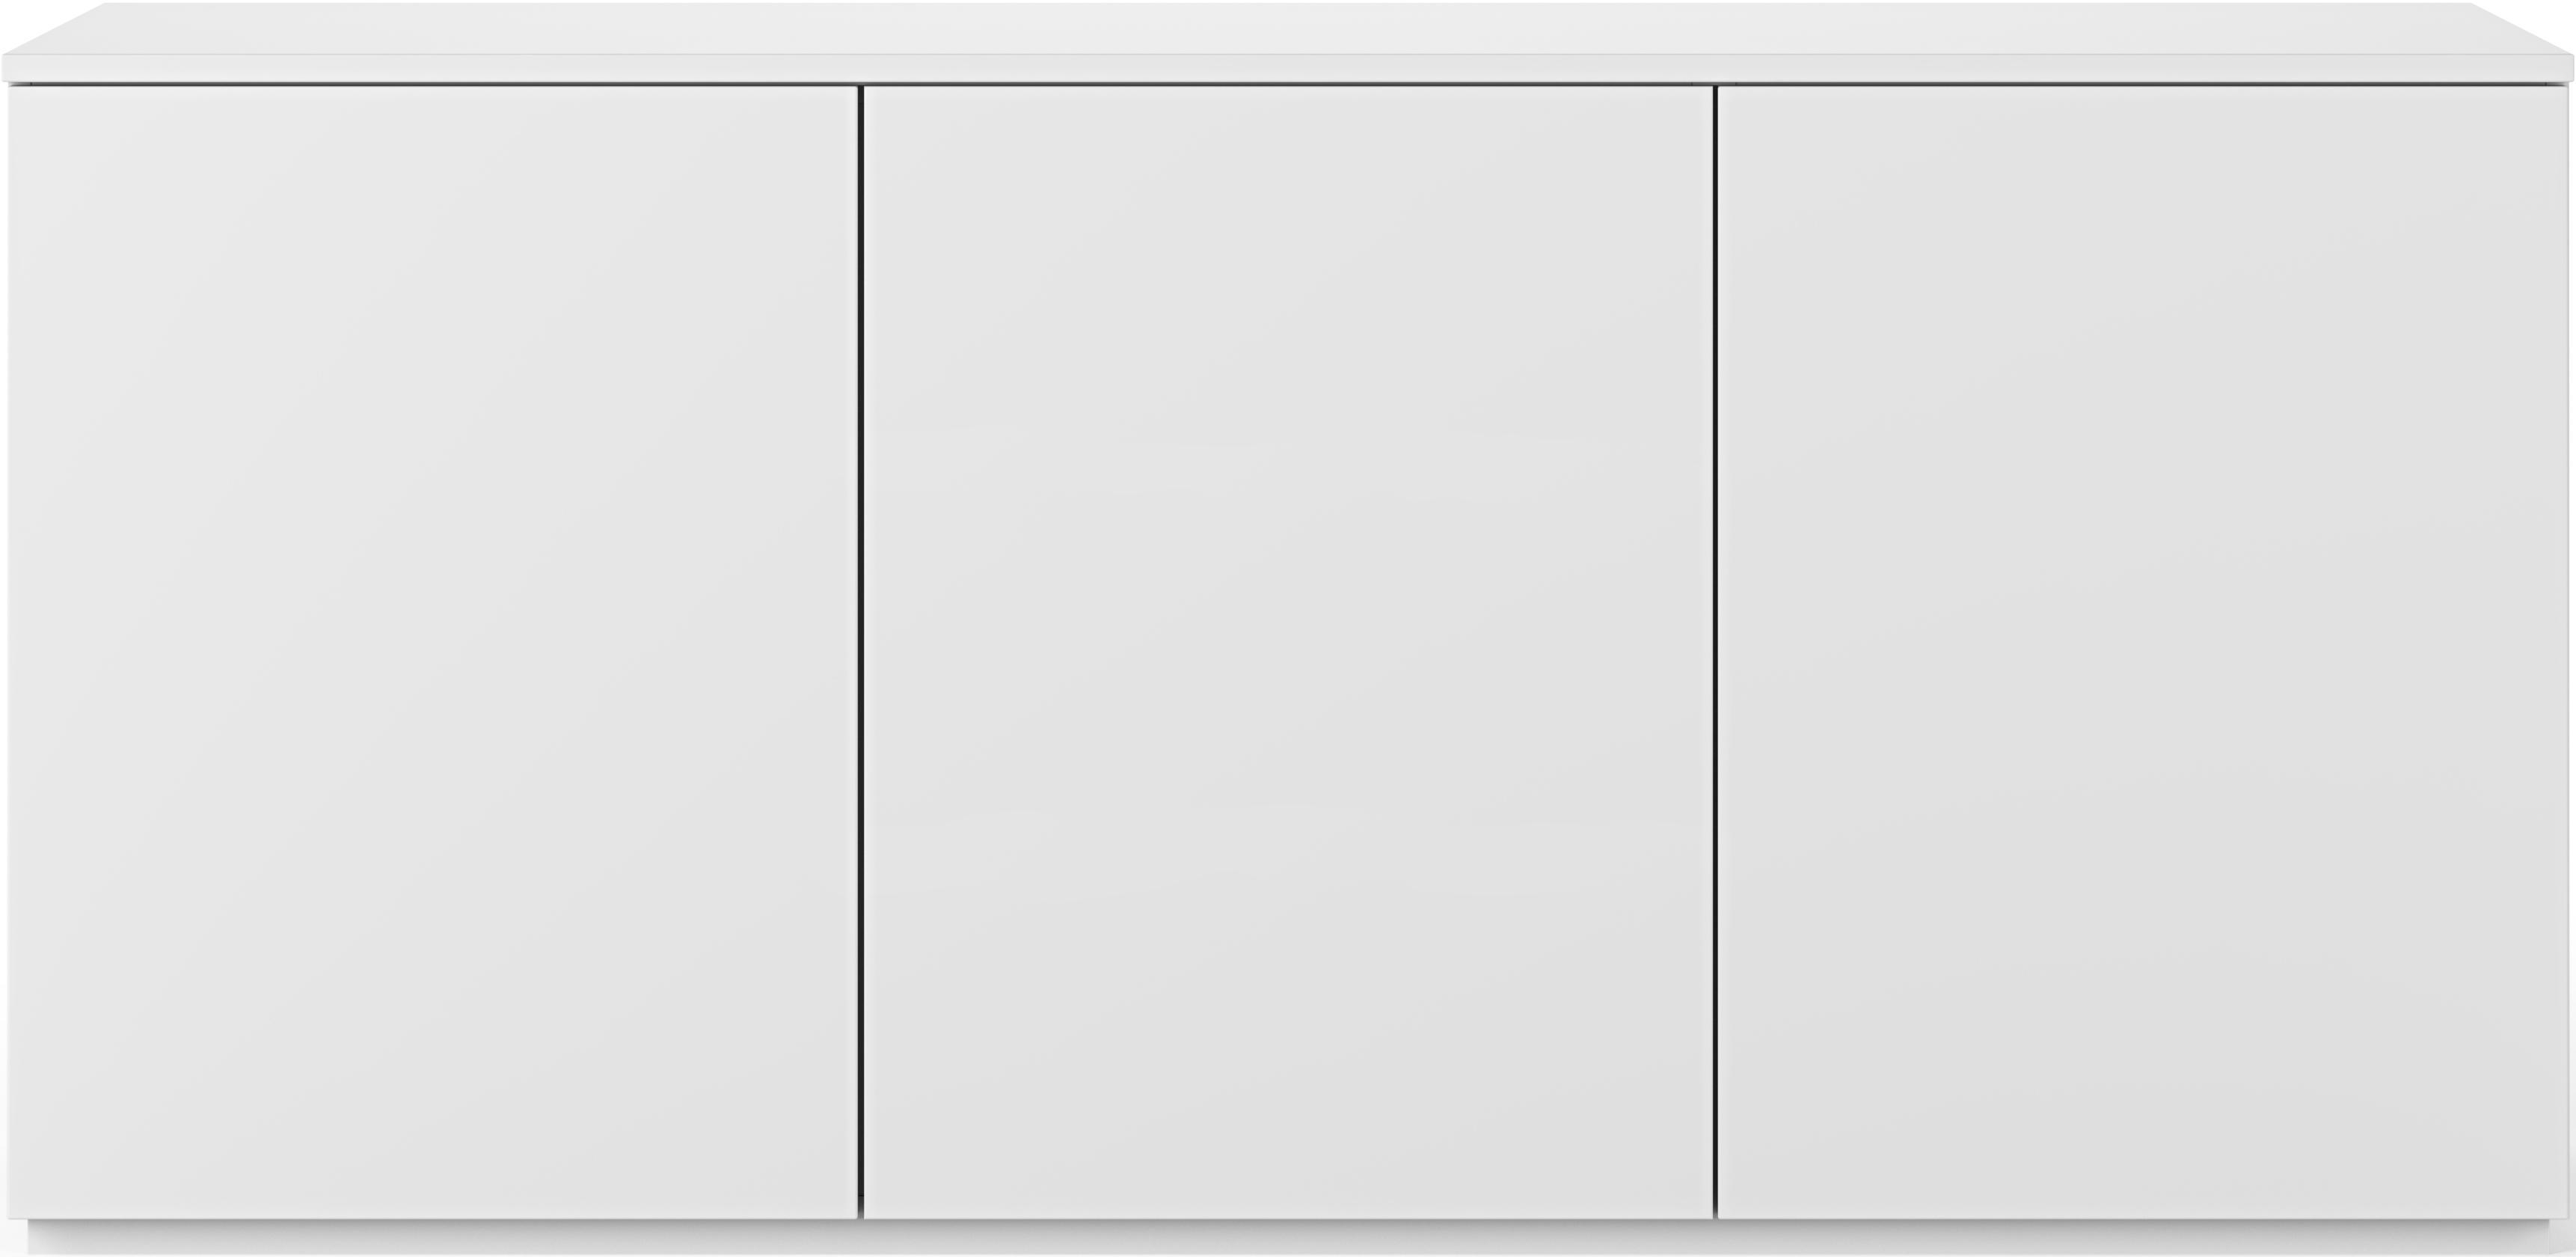 Credenza bianca con ante Join, Pannello di fibra a media densità, verniciato, Bianco, Larg. 180 x Alt. 84 cm